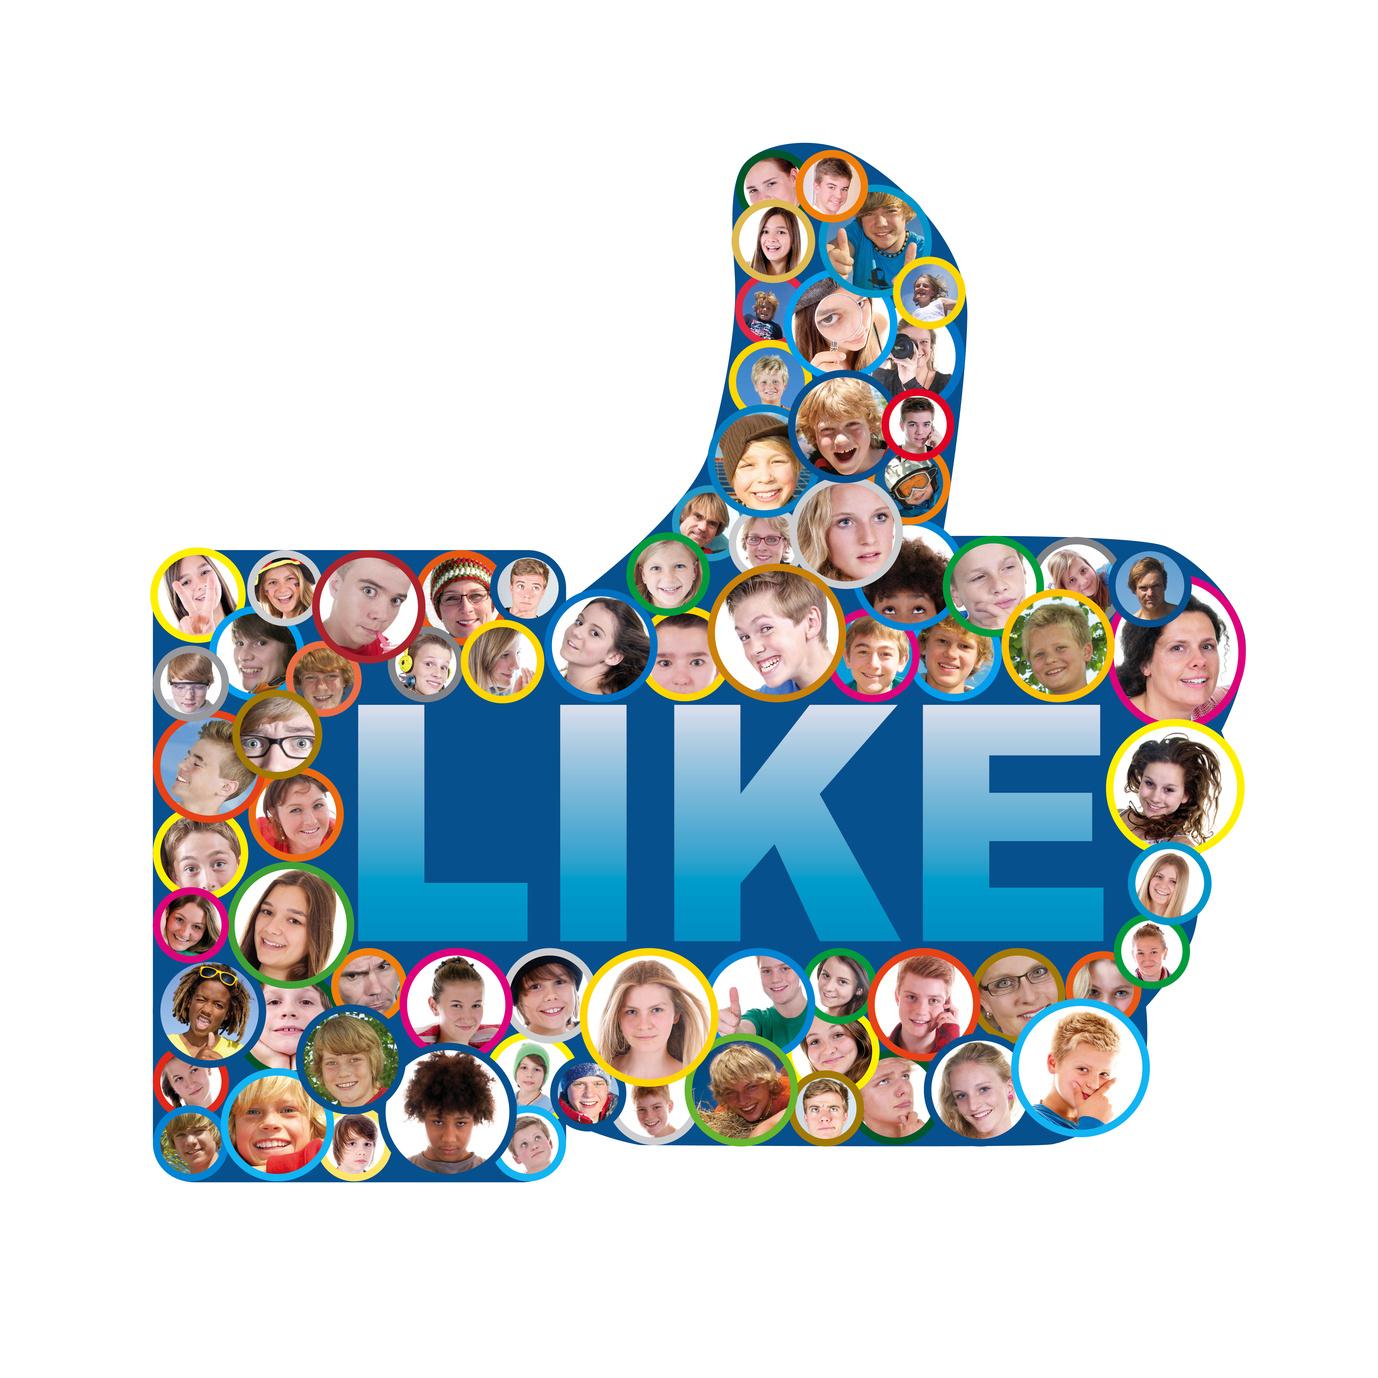 como hacer campana facebook ads efectiva1 1 - Cómo crear una campaña de Facebook Ads efectiva con Neuromarketing